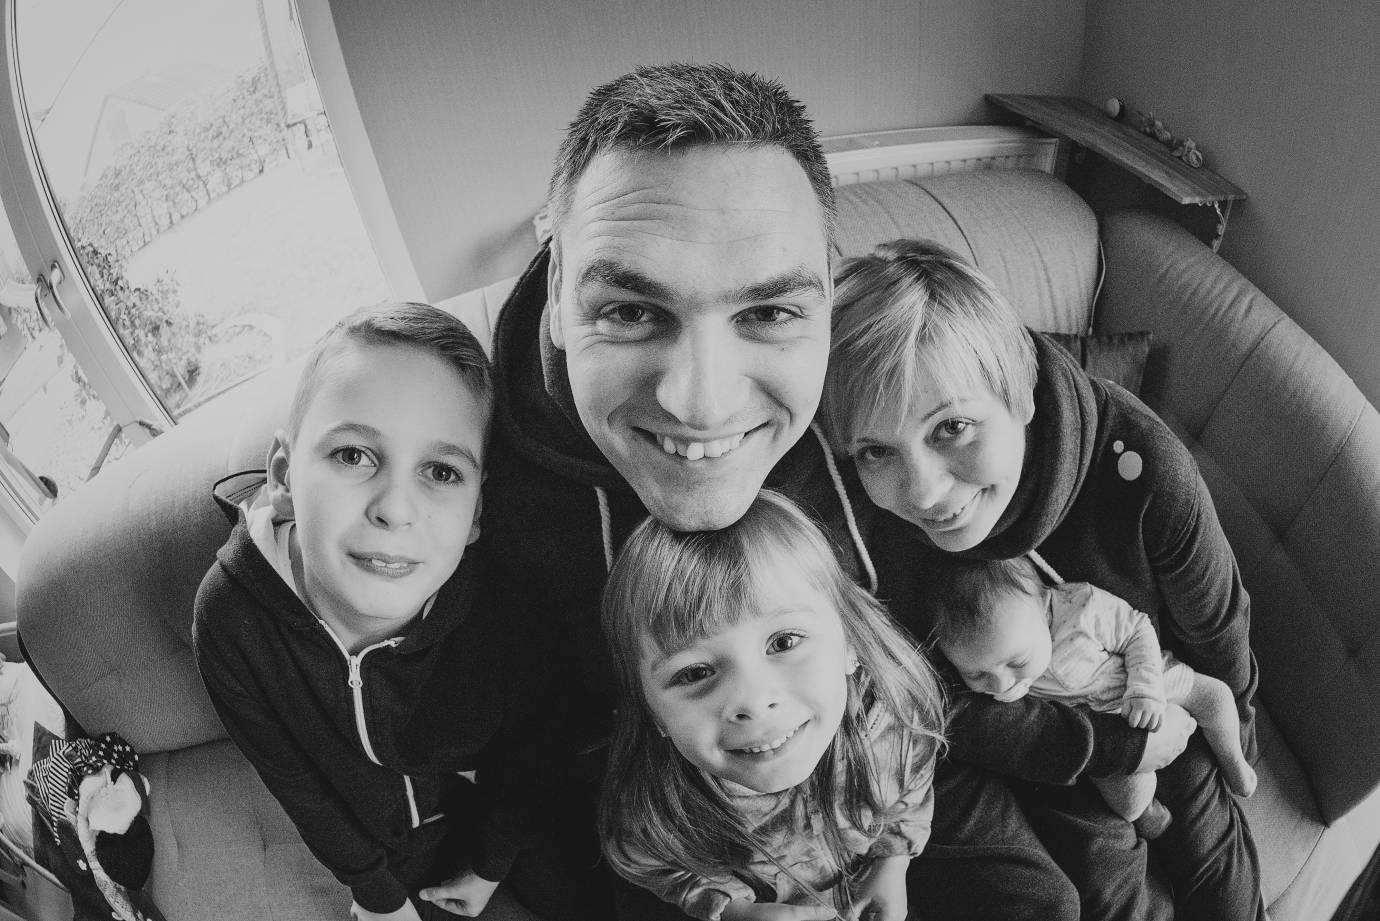 familienfotos ohz 12 - Familienfotos von Familie Schmidt